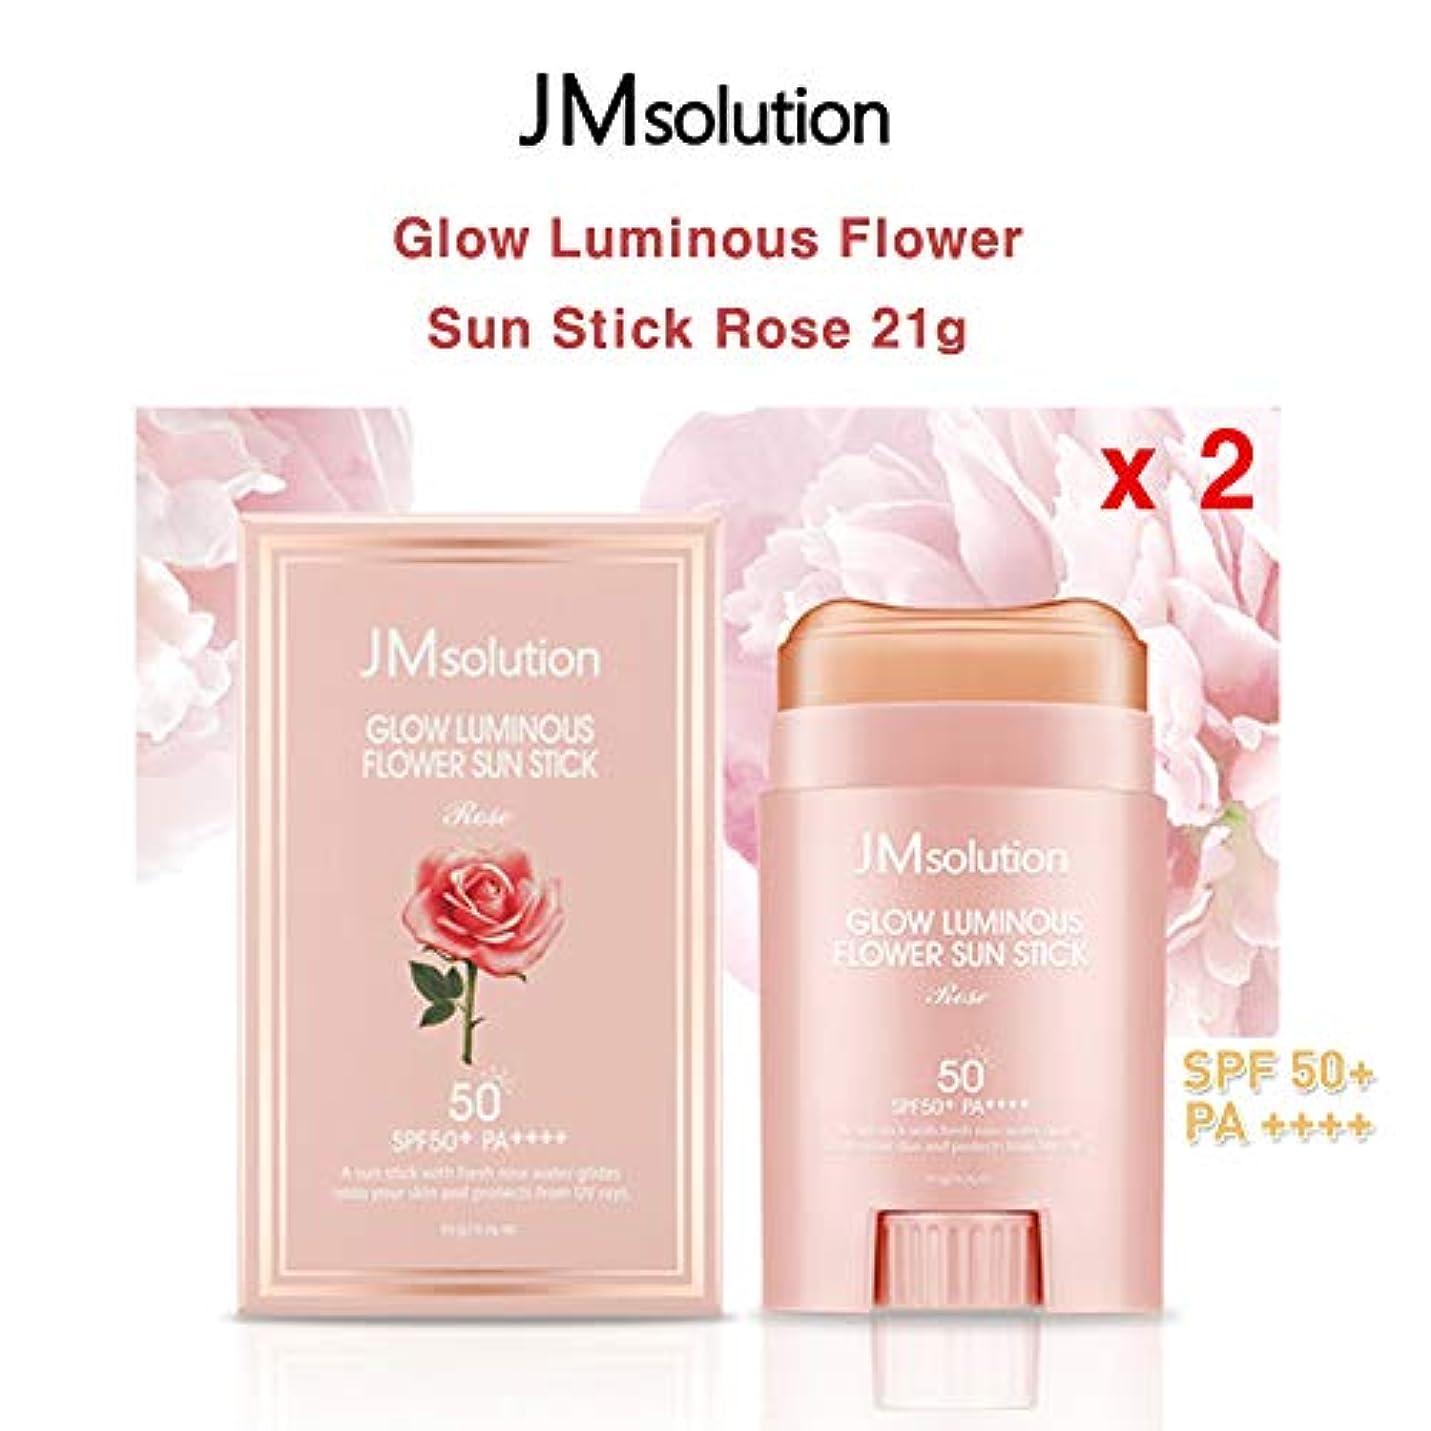 発行政府腰JM Solution ★1+1★ Glow Luminous Flower Sun Stick Rose 21g (spf50 PA) 光る輝く花Sun Stick Rose